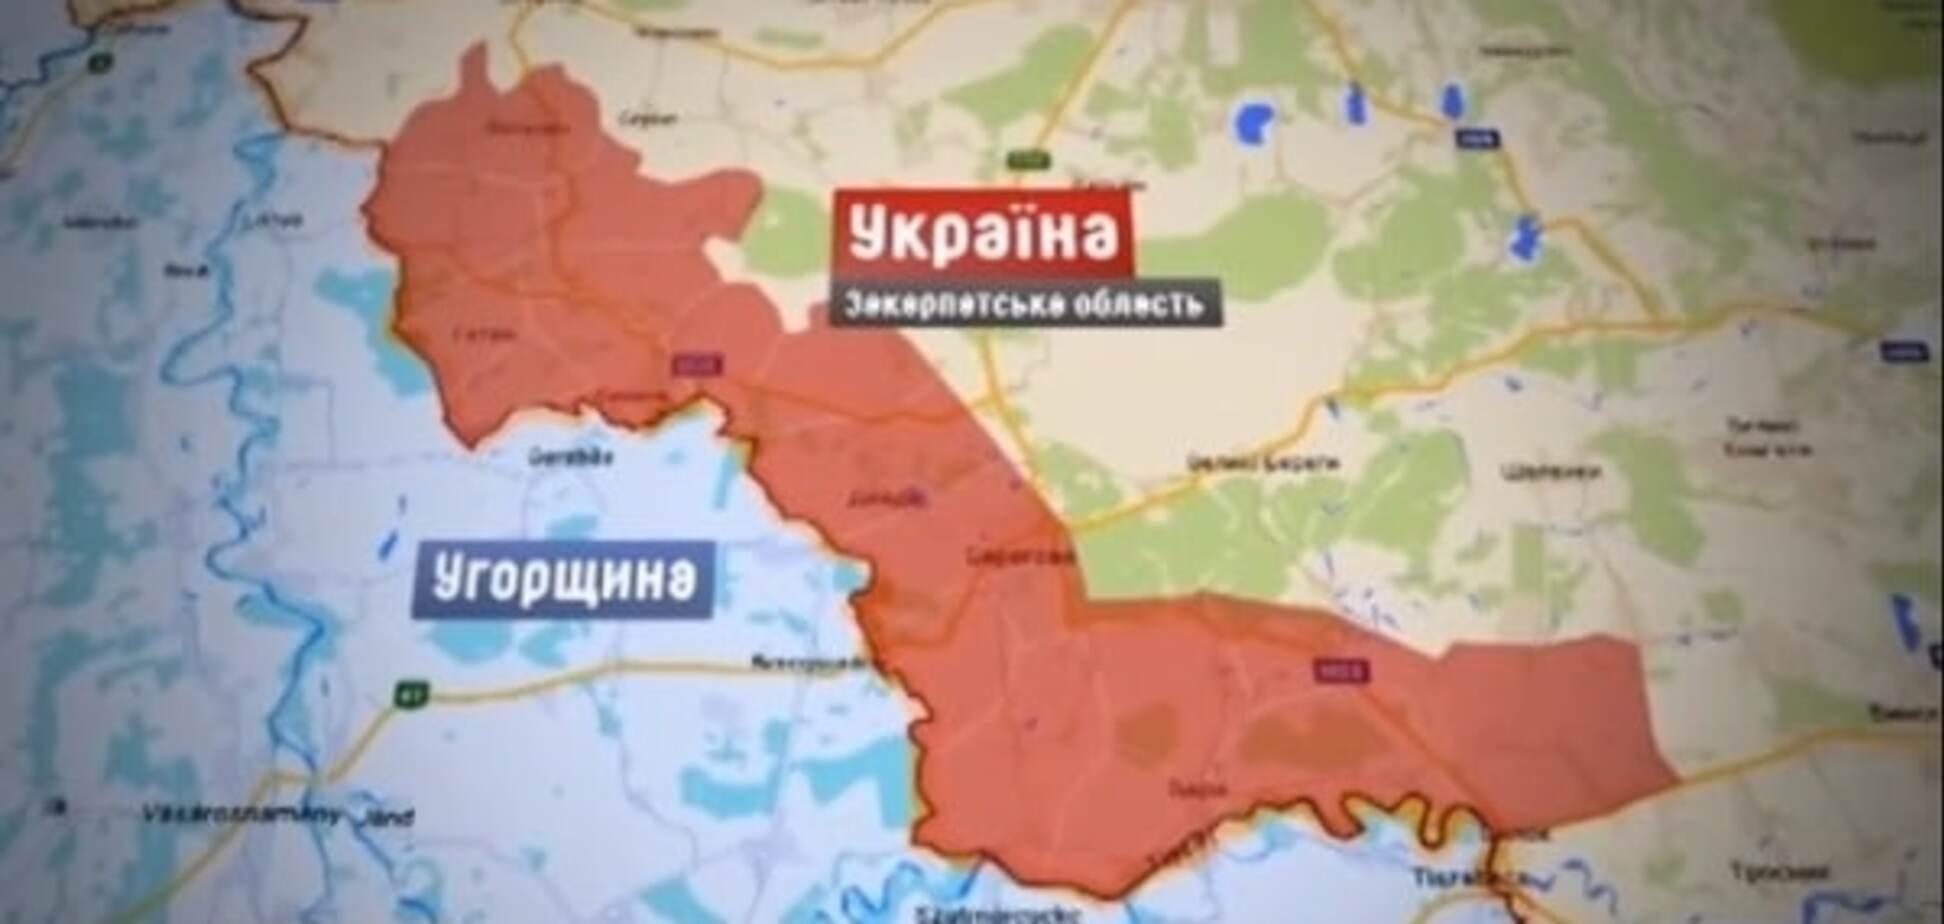 Пограничный шок: на Закарпатье обнаружили 'частный кордон' с Венгрией